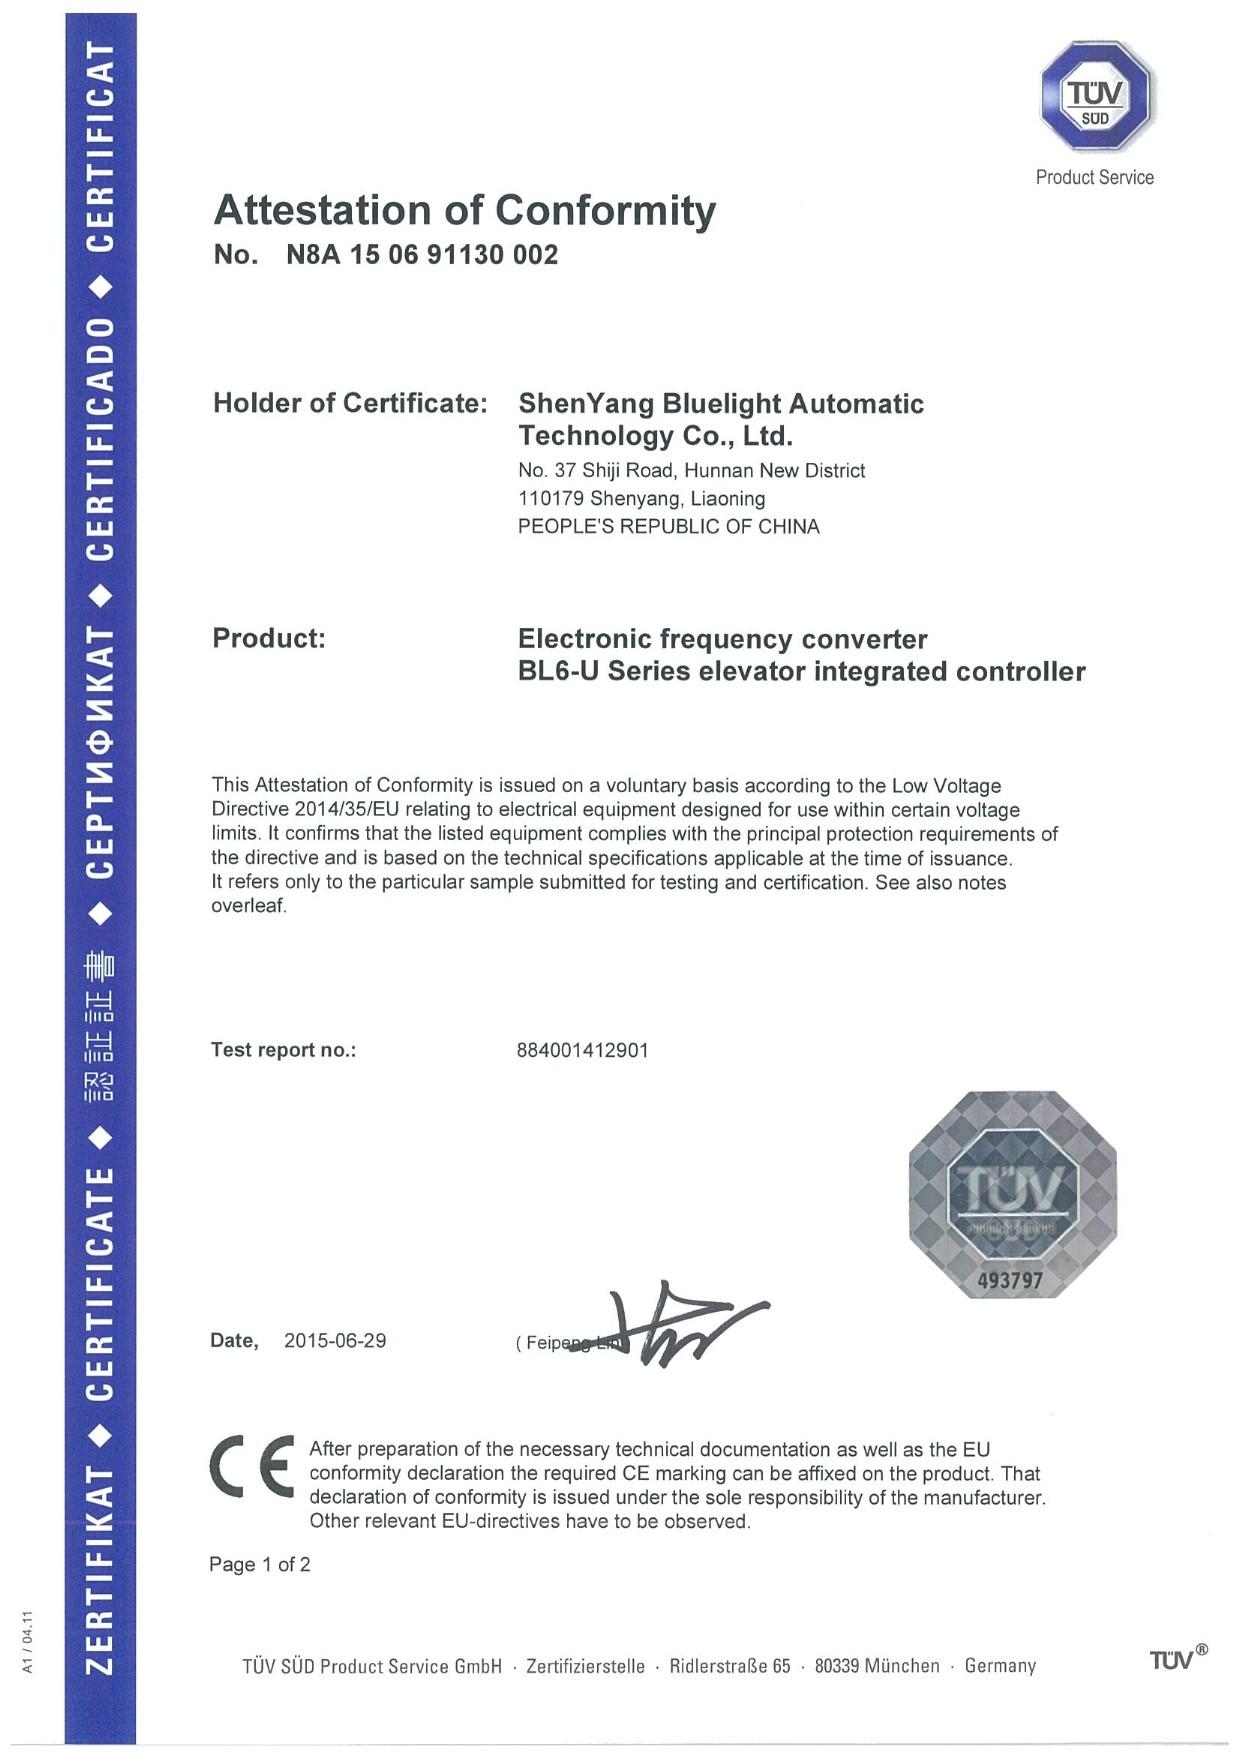 Chứng chỉ CE của bộ điều khiển thang máy